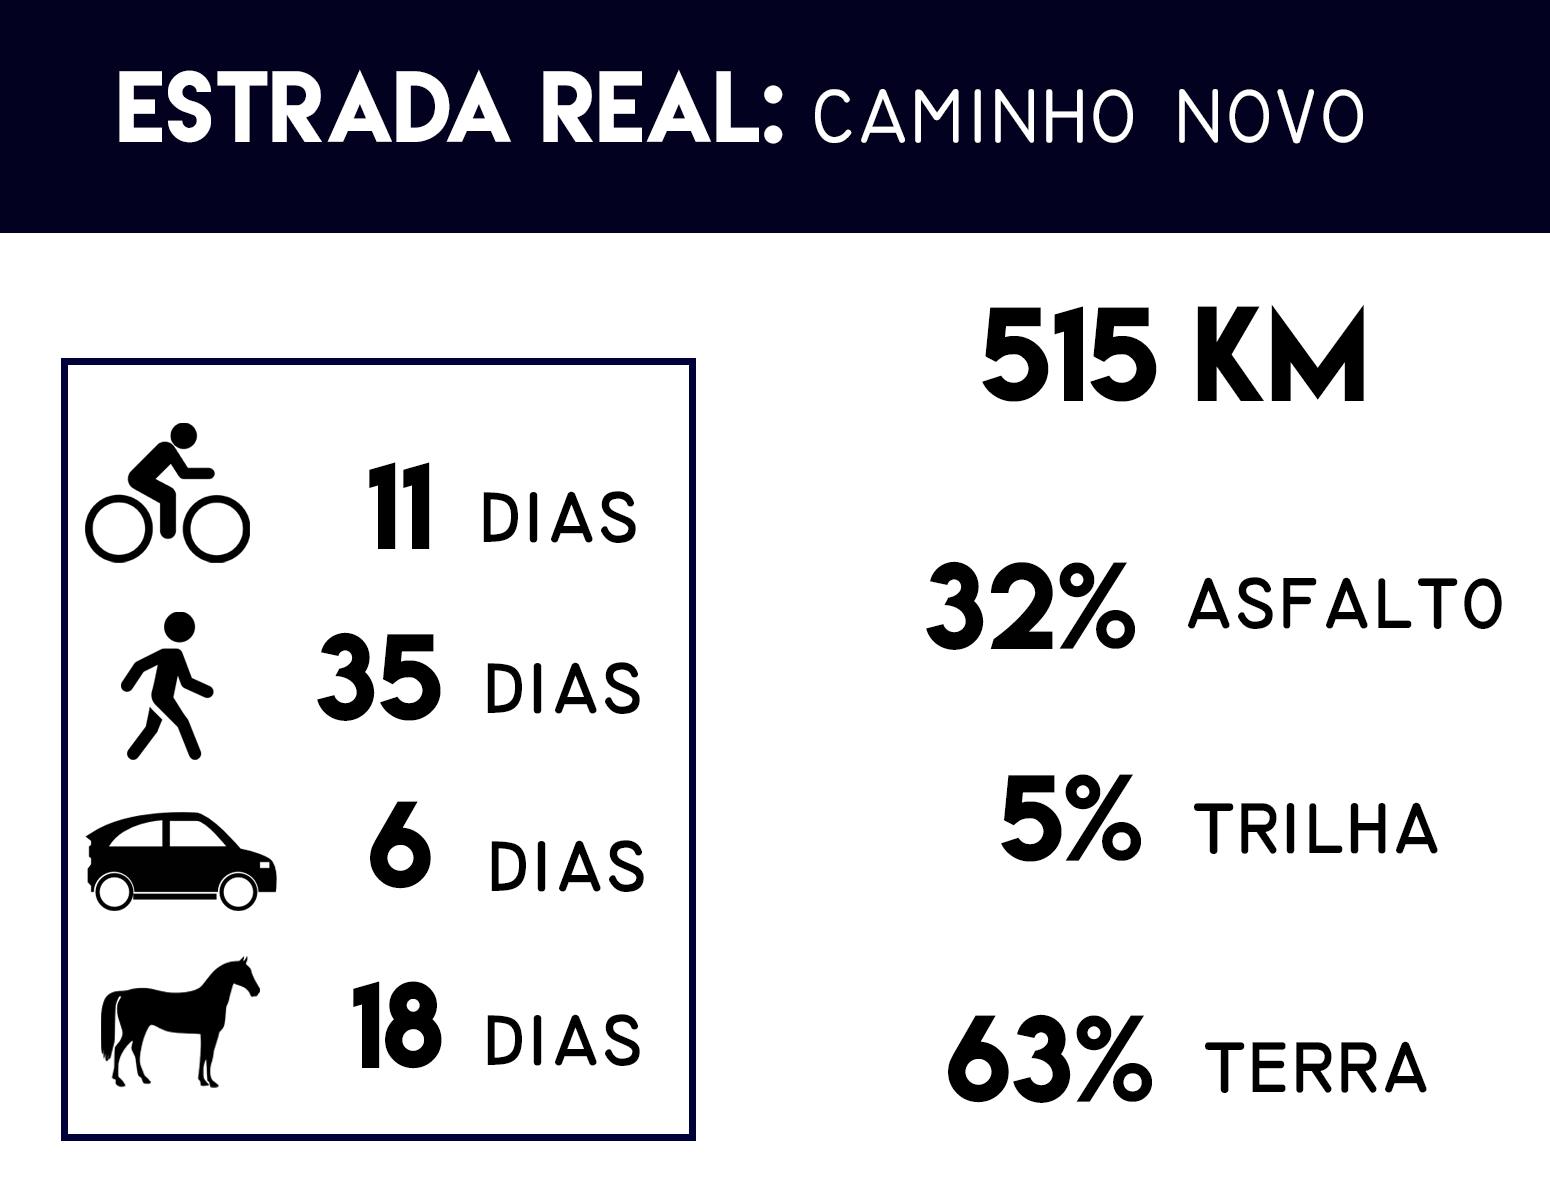 Caminho-Novo Estrada Real: Por onde começar?